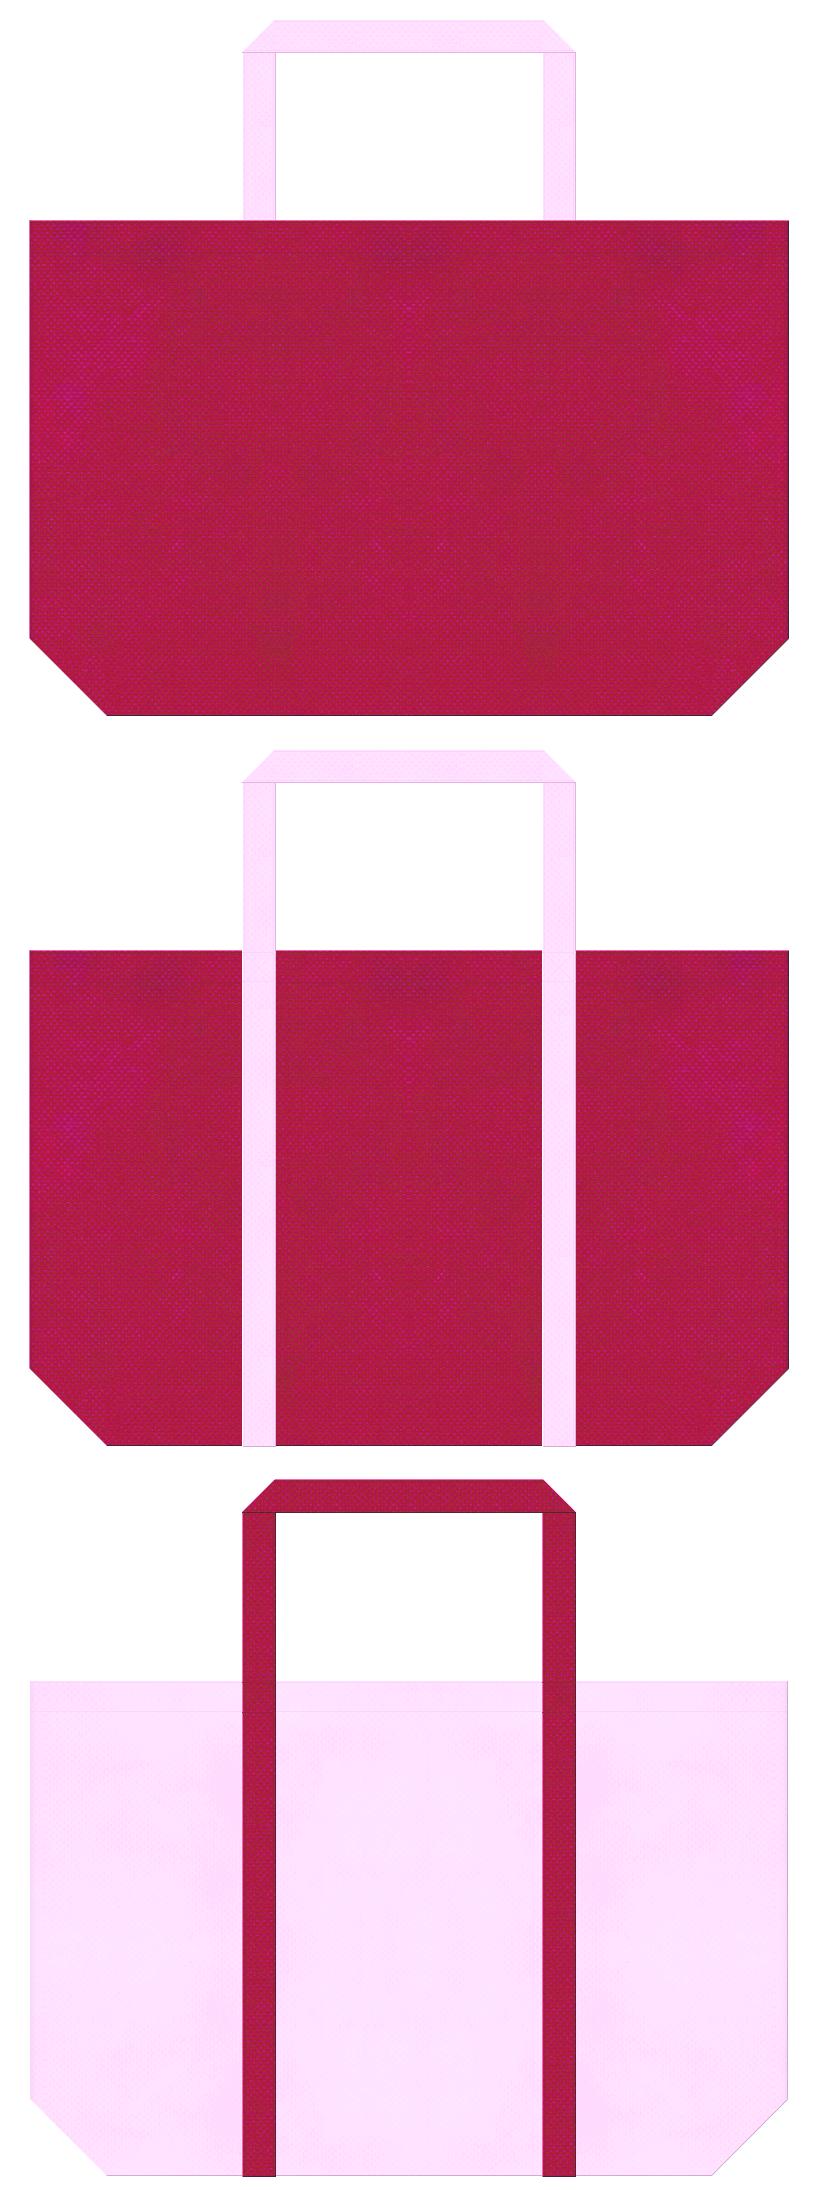 花束・マーメイド・プリティー・ピエロ・女王様・イチゴミルク・プリンセス・ハート・キャンディー・ドリーミー・ファンシー・ガーリーデザイン・ひな祭り・母の日・お正月・プレミアムセール・福袋にお奨めの不織布バッグデザイン:濃いピンク色と明るいピンク色のコーデ